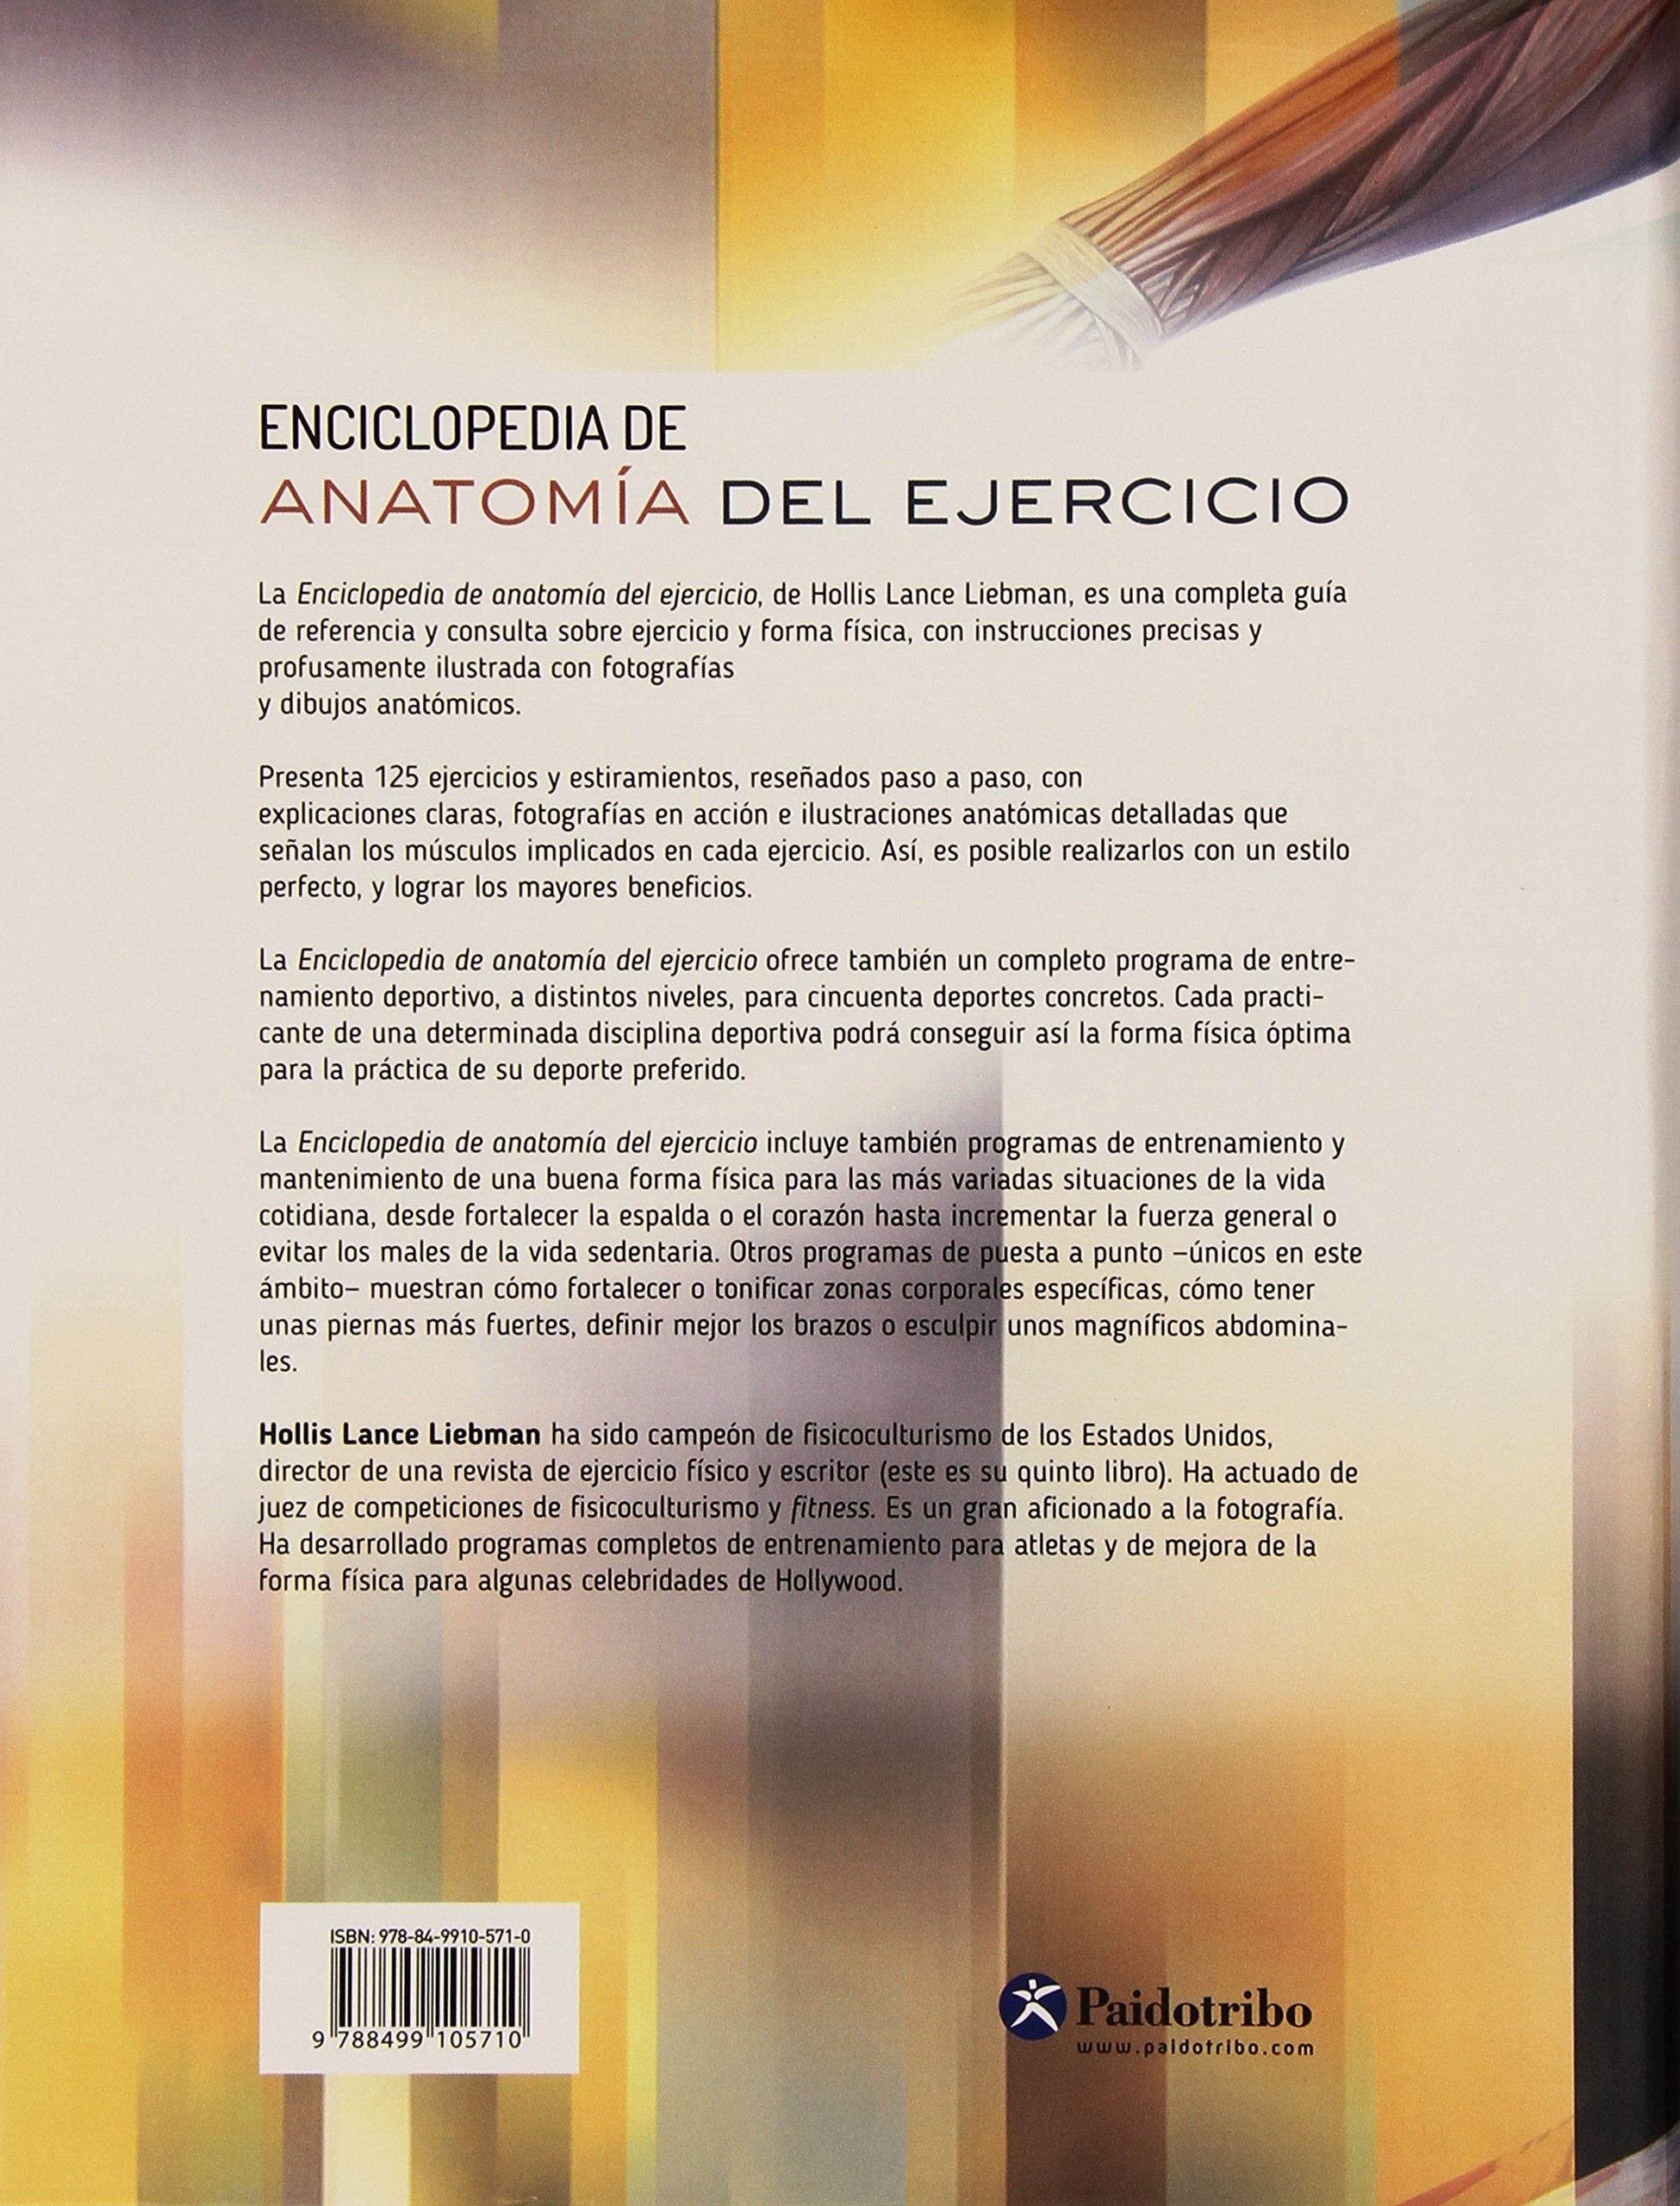 Encantador Mejor Software Para Pc Anatomía Viñeta - Imágenes de ...